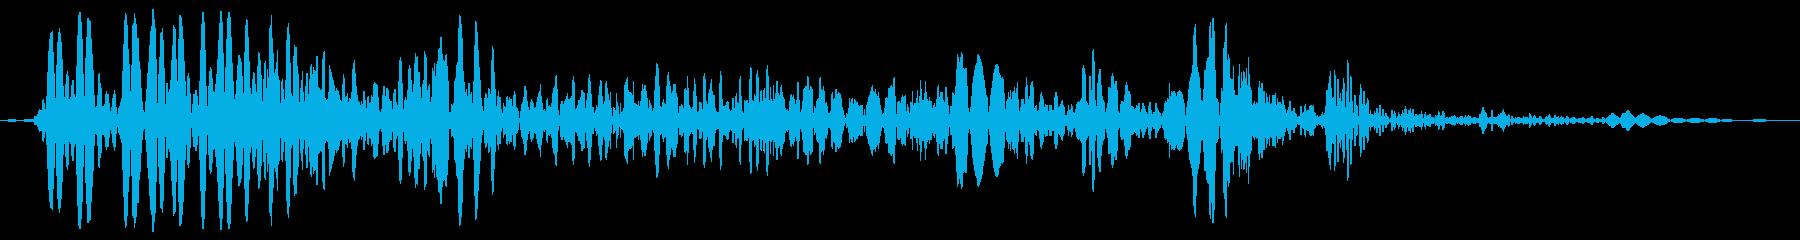 水中で息を吐く(水の中のこもった音)の再生済みの波形